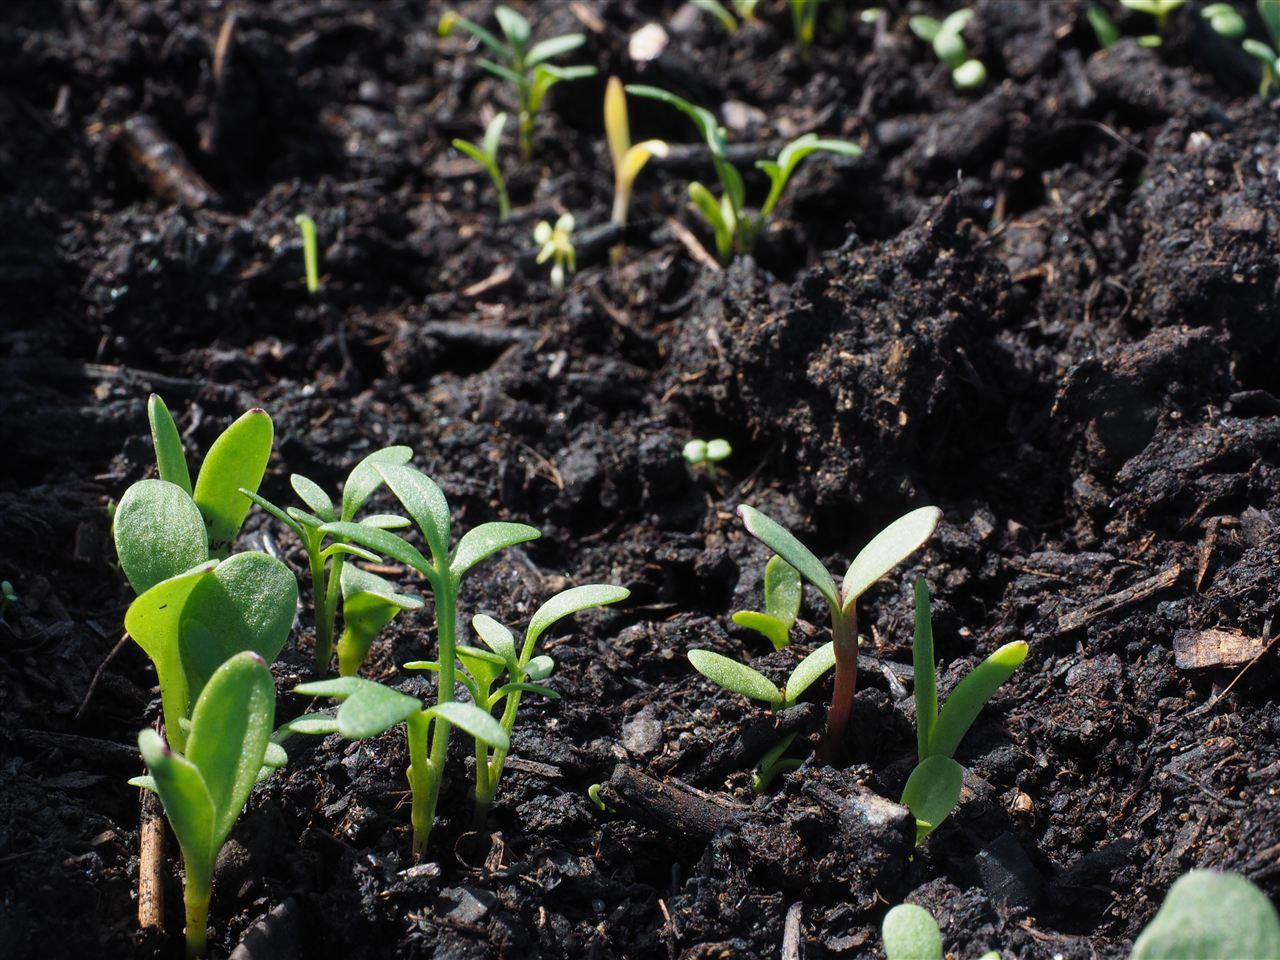 化肥也有不合格 农作物品质该如何保障?